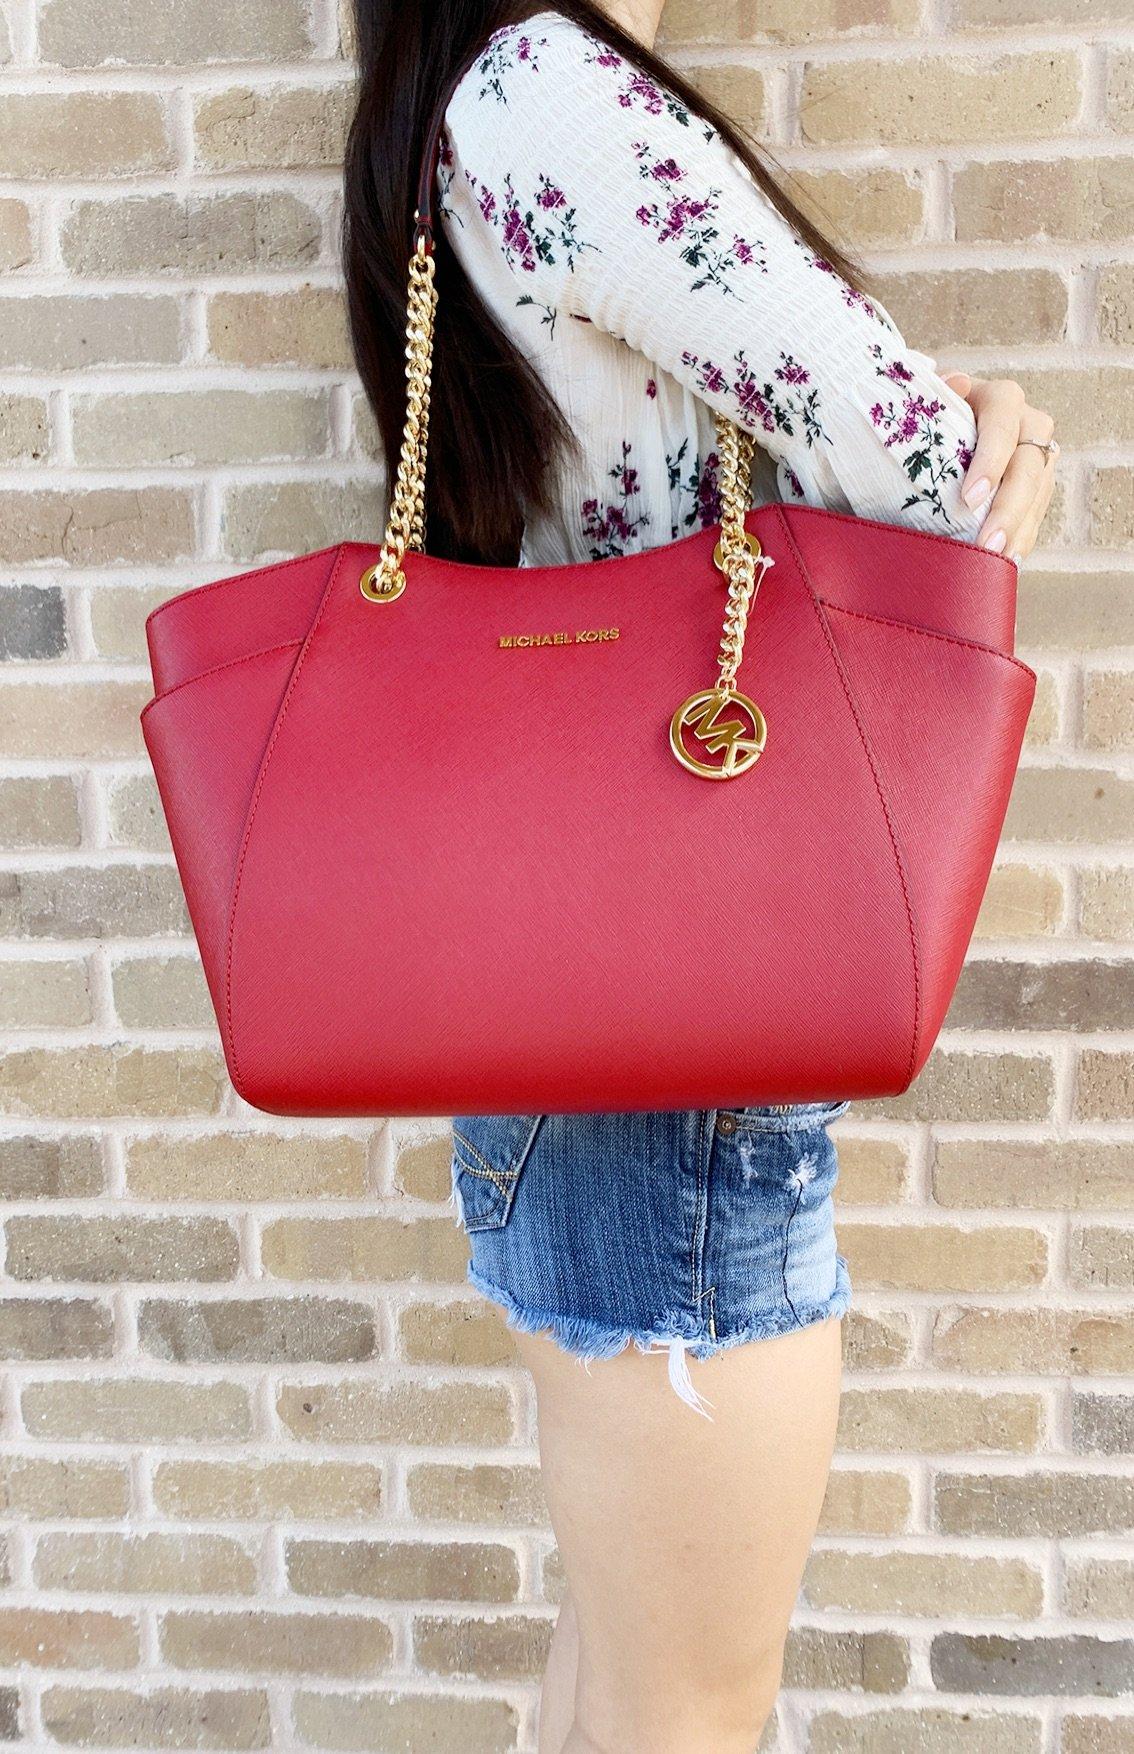 d7115de4115d Michael Kors Jet Set Travel Chain Shoulder Tote Bag Scarlet Red Saffiano  Leather